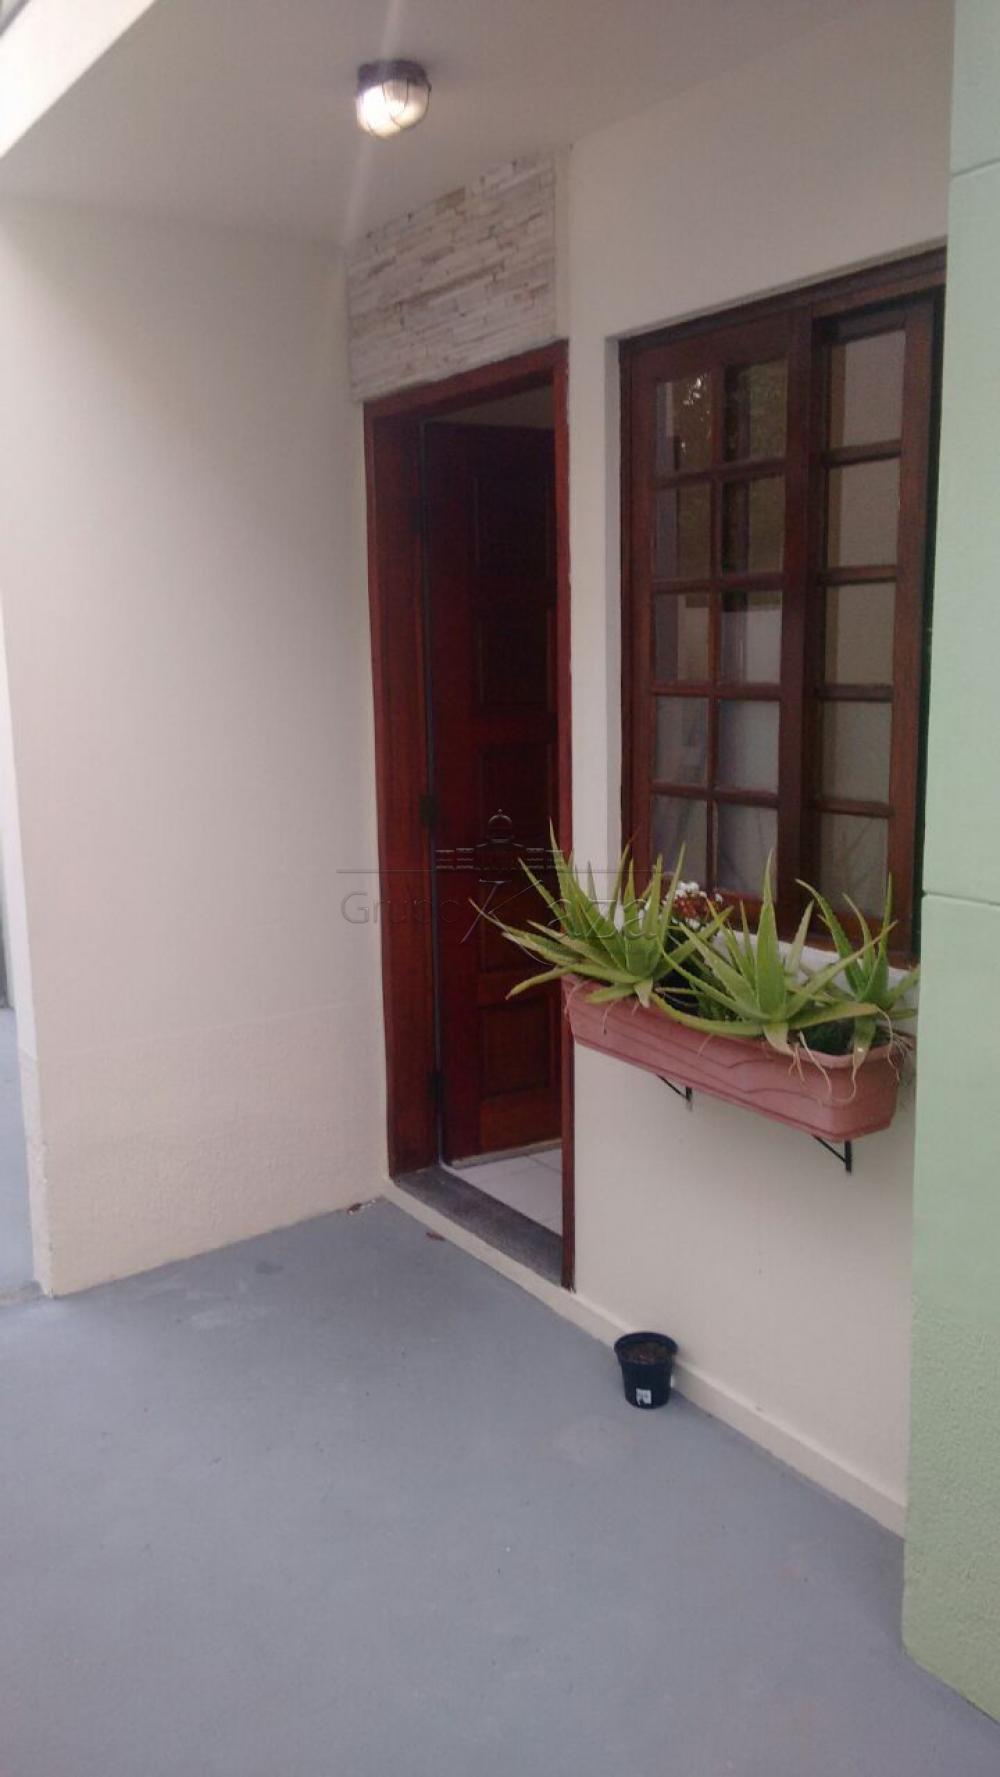 Alugar Casa / Condomínio em São José dos Campos apenas R$ 950,00 - Foto 15